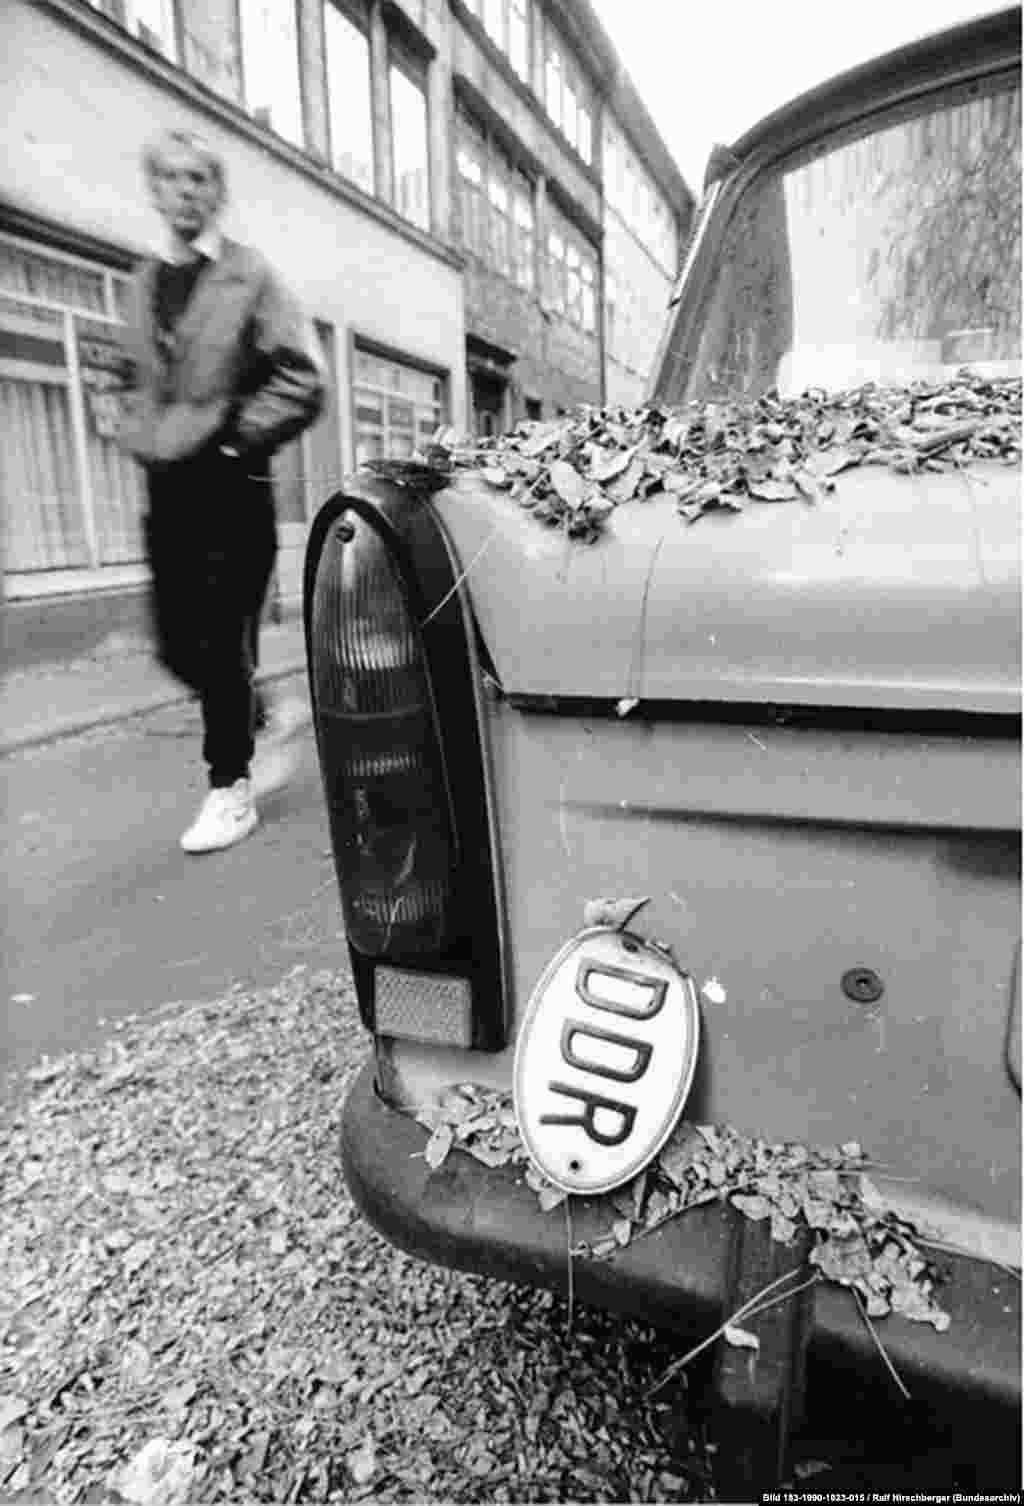 """Социалистический блок с годами беднел, любое малейшее изменение в дизайне """"Трабанта"""" требовало остановки и переделки всей сборочной линии и прессов для дуропласта. И в то время как западные и японские машины продолжали меняться и улучшаться, """"Трабанты"""" выезжали с завода десятилетиями без изменений."""